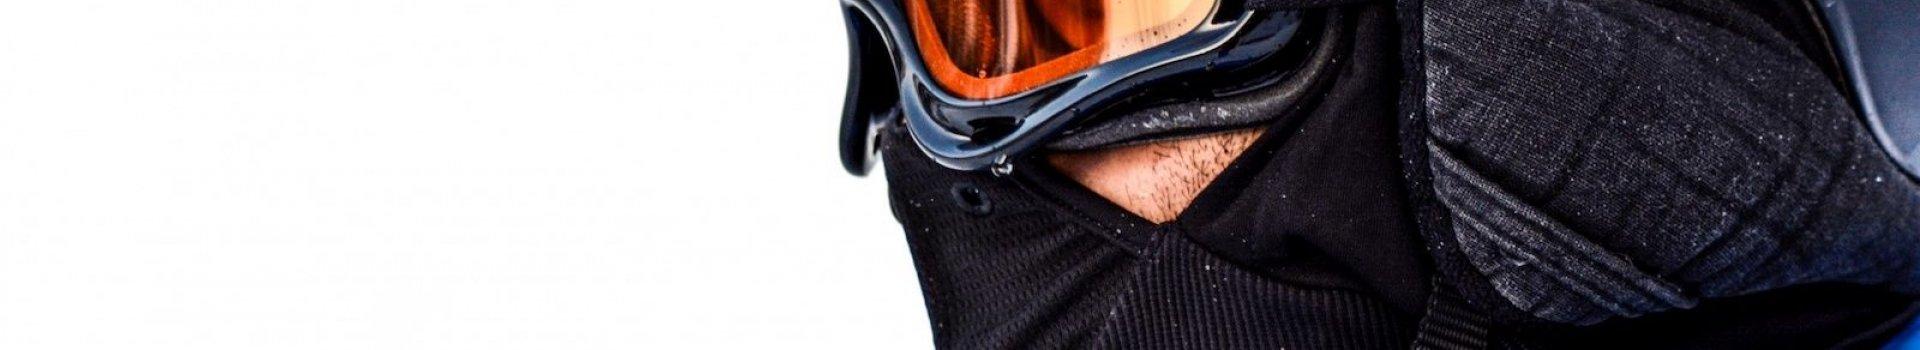 Kominiarka narciarska - dlaczego warto posiadać ją w swoim wyposażeniu?